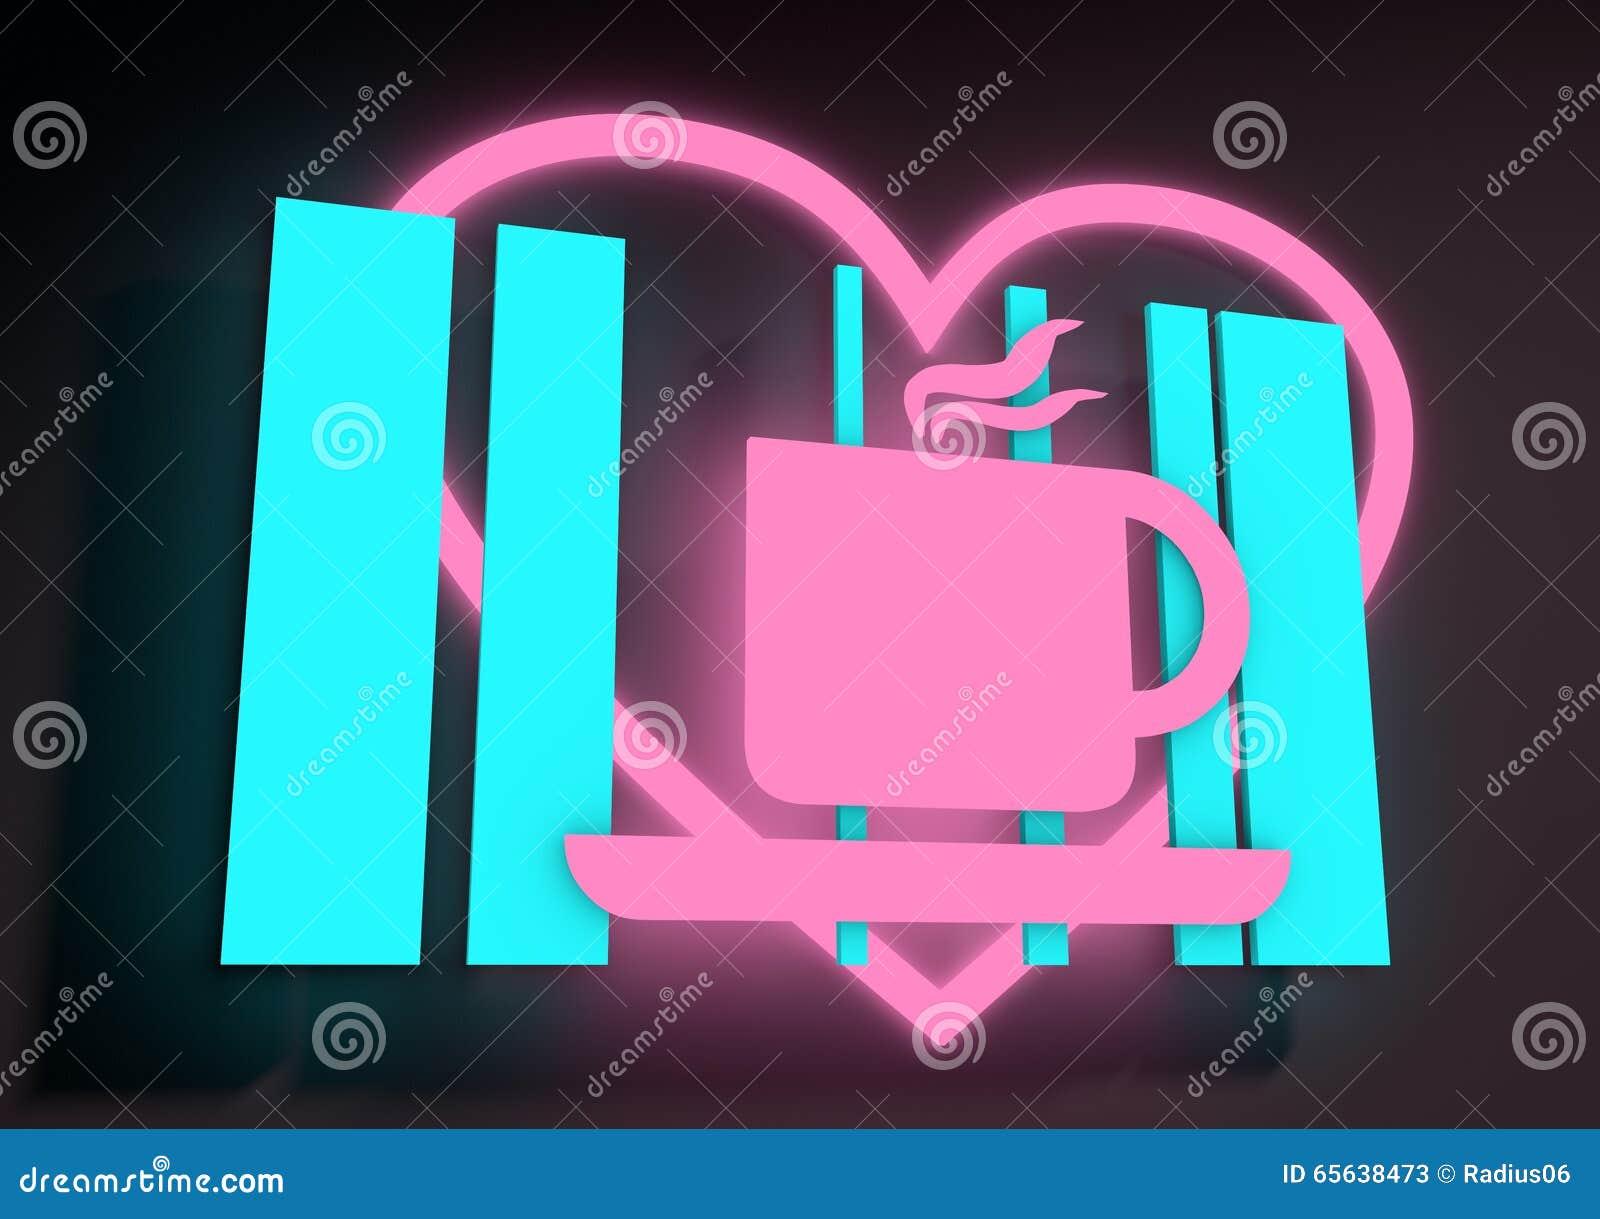 Illustration dépeignant un signe au néon lumineux de café